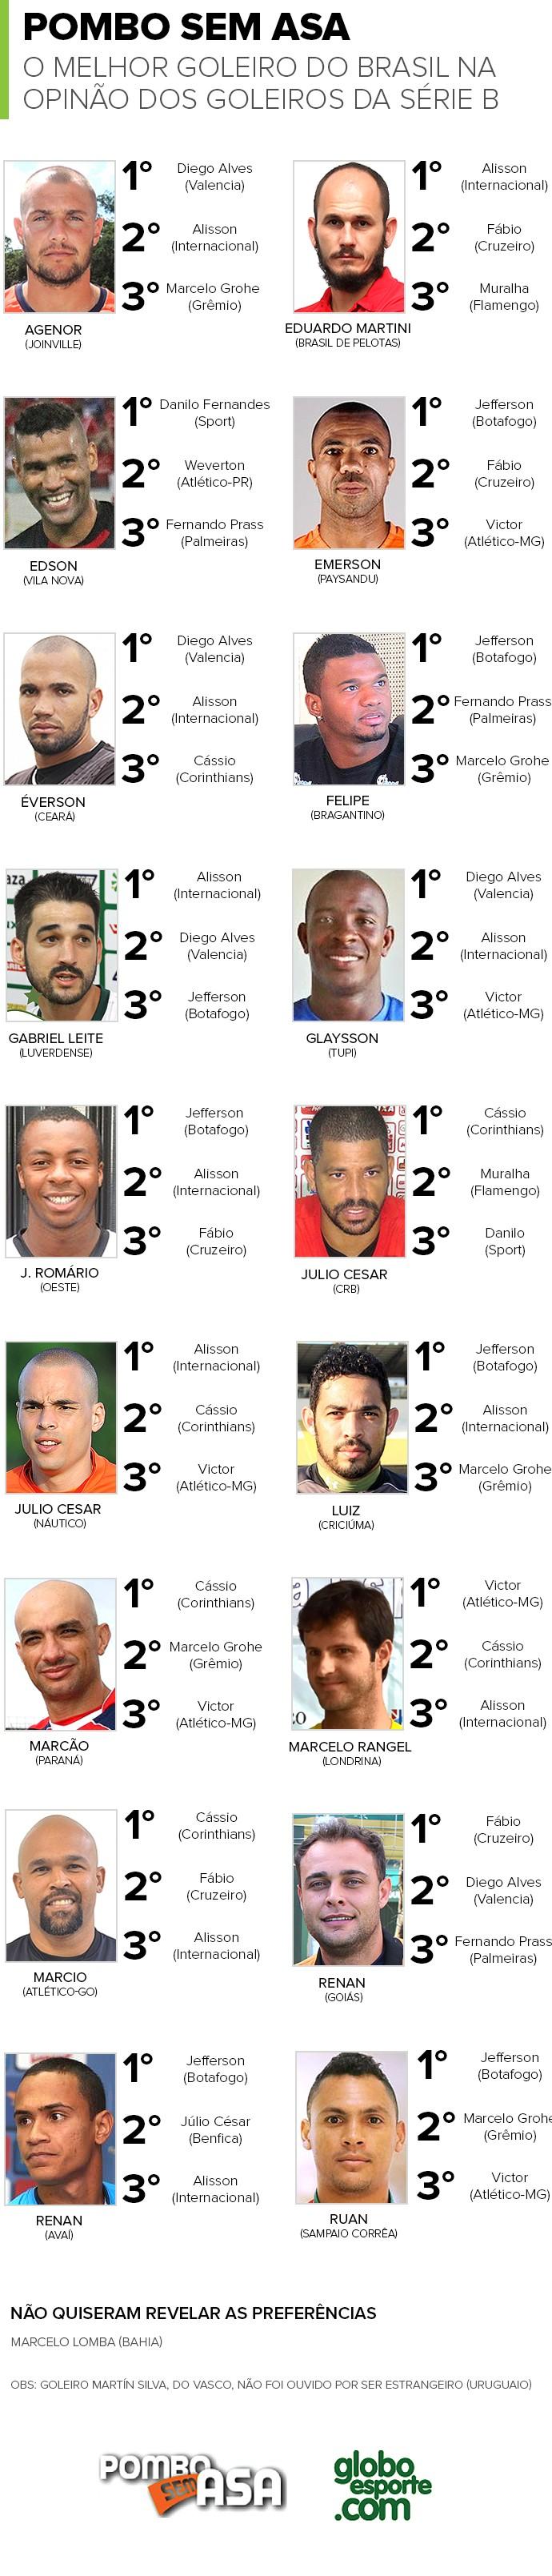 Os melhores goleiros do Brasil - Série B